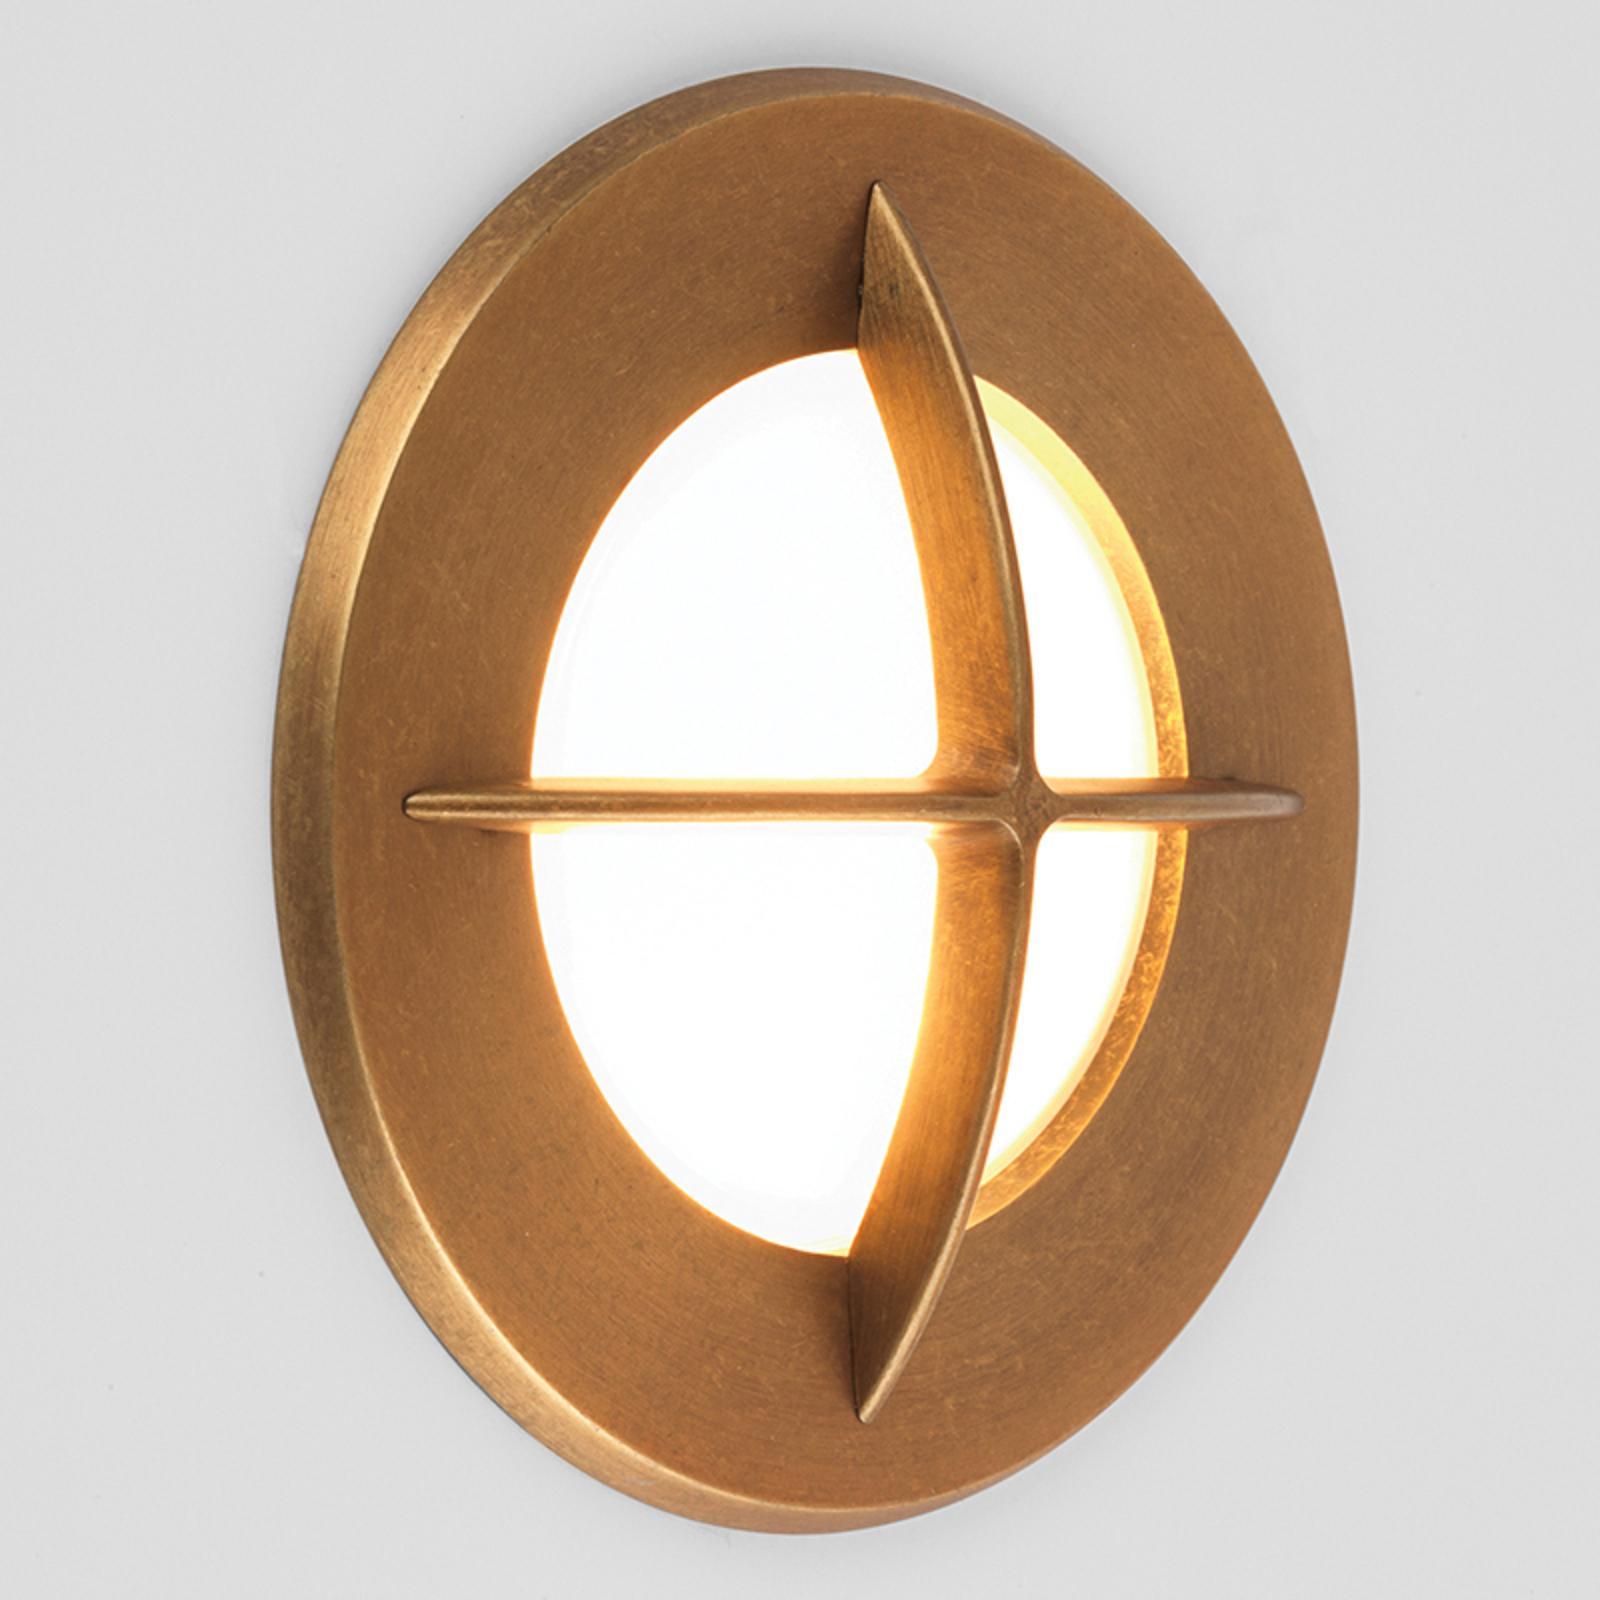 Astro Arran LED-inbyggnadslampa, rund